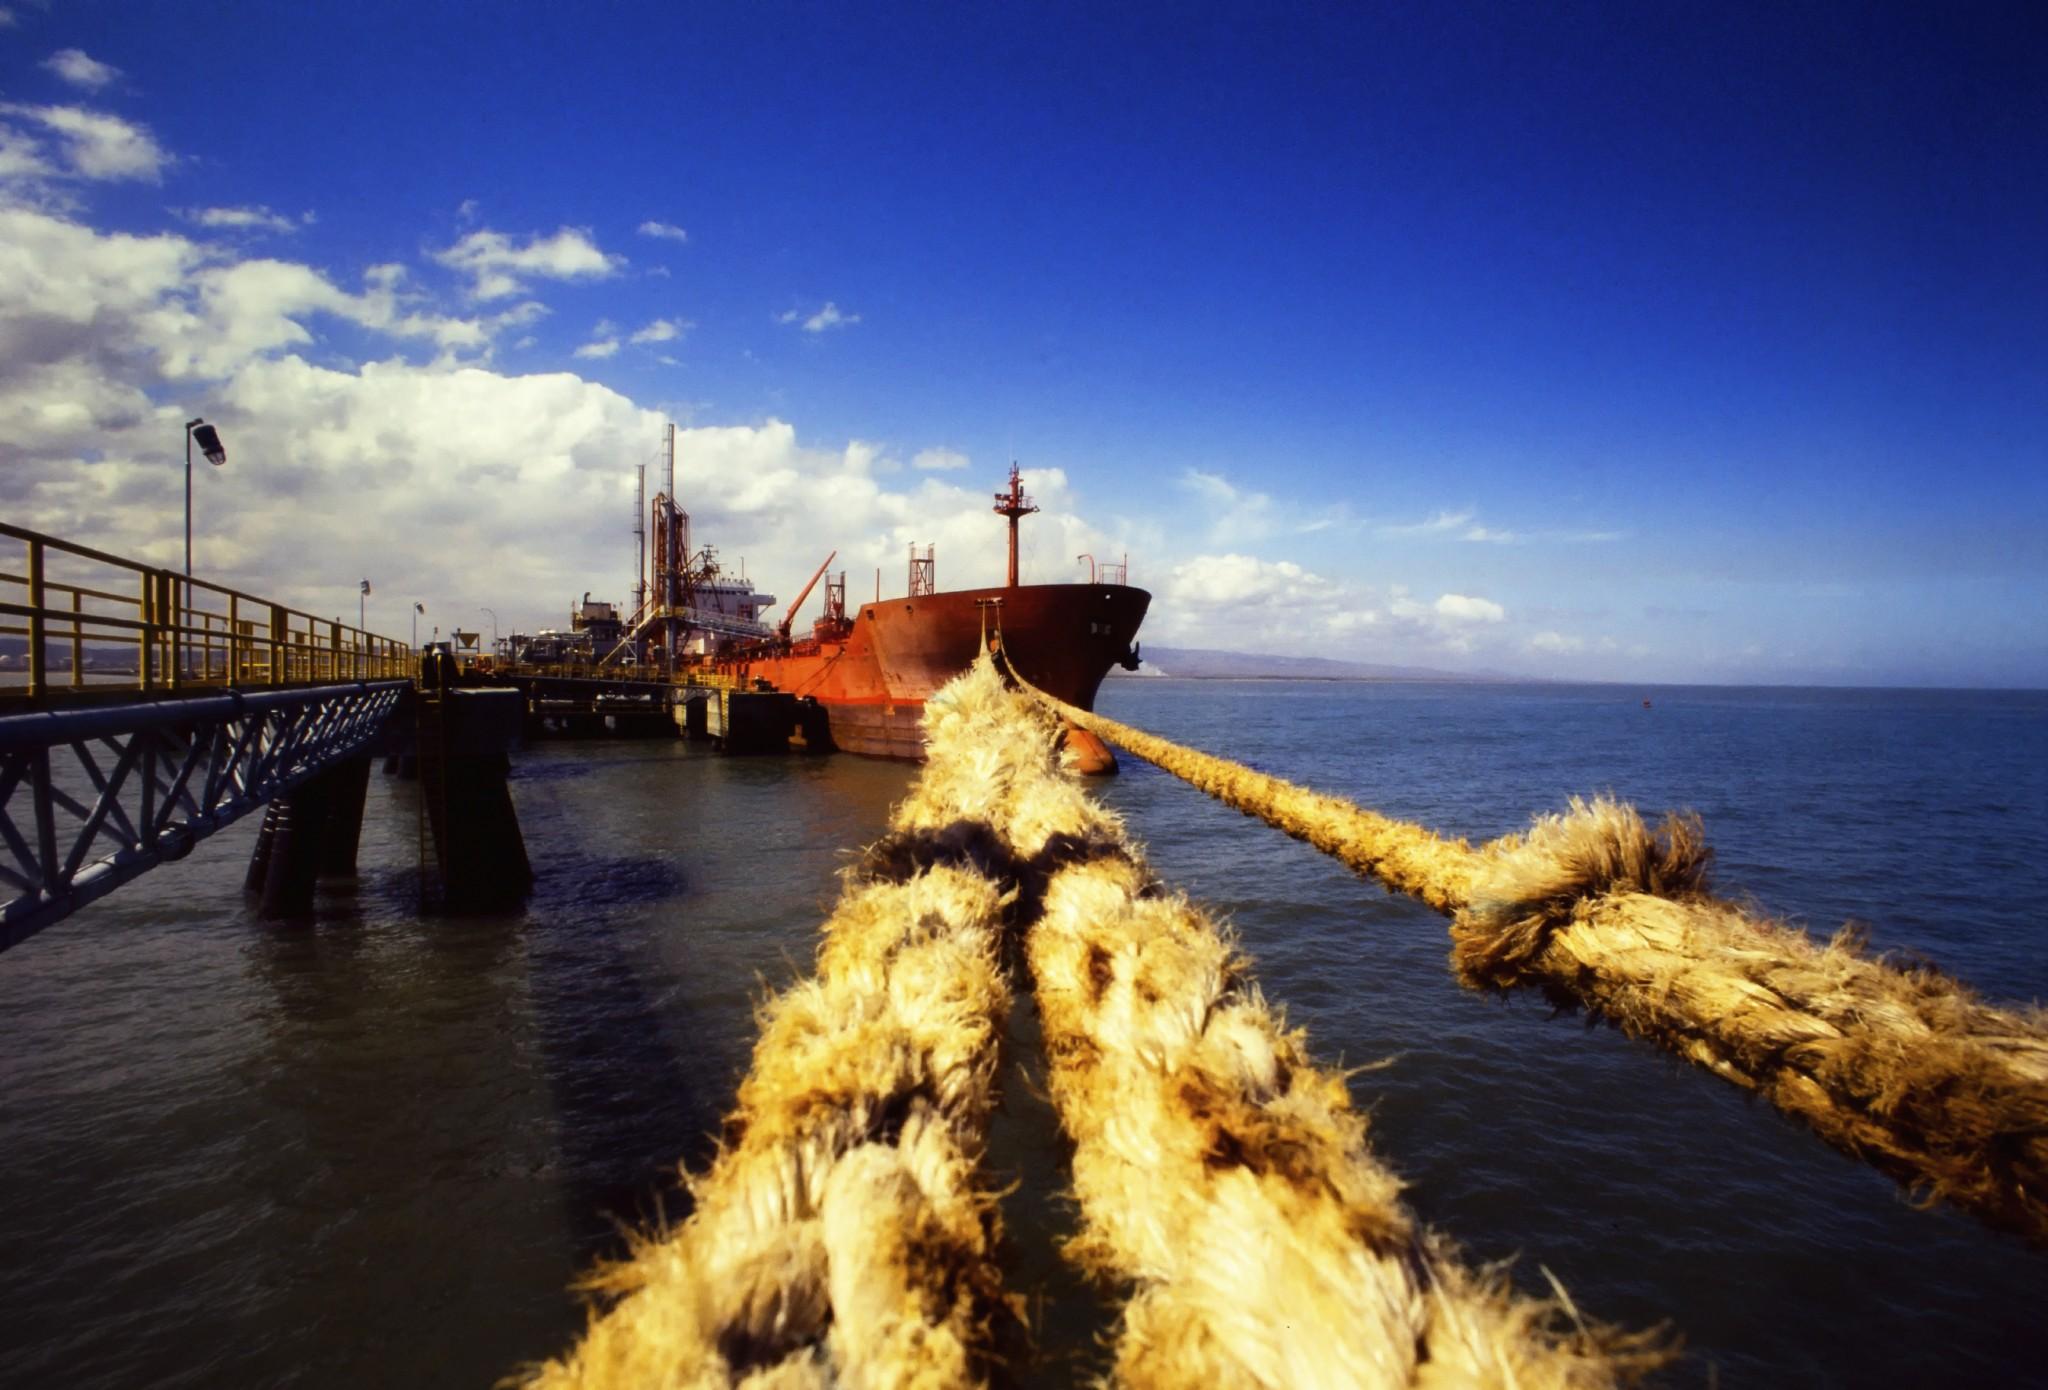 Scheepvaart-schip